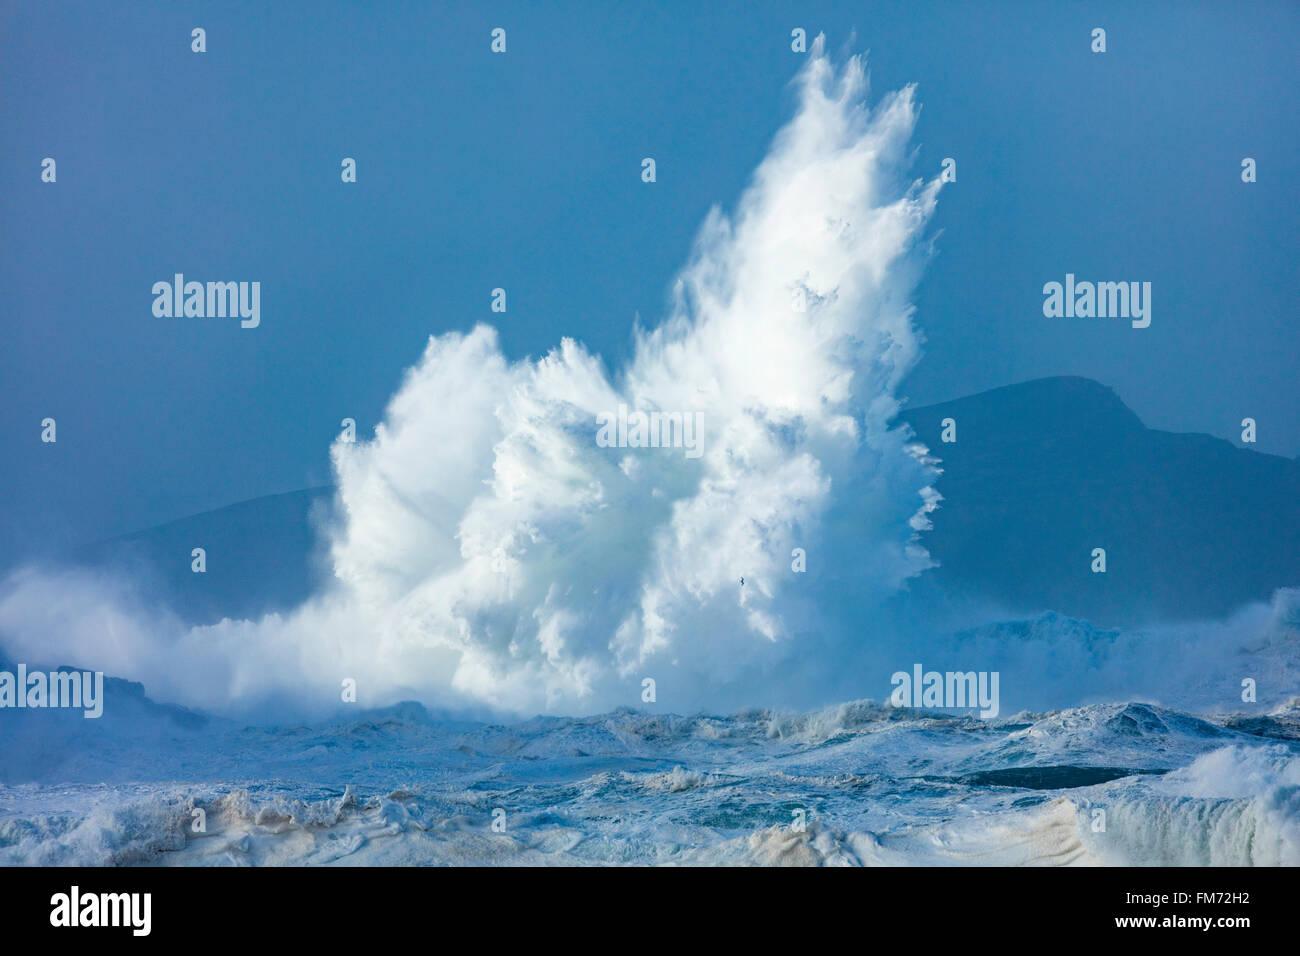 Olas rompiendo cerca Clogher Head, la península Dingle, Condado de Kerry, Irlanda. Imagen De Stock